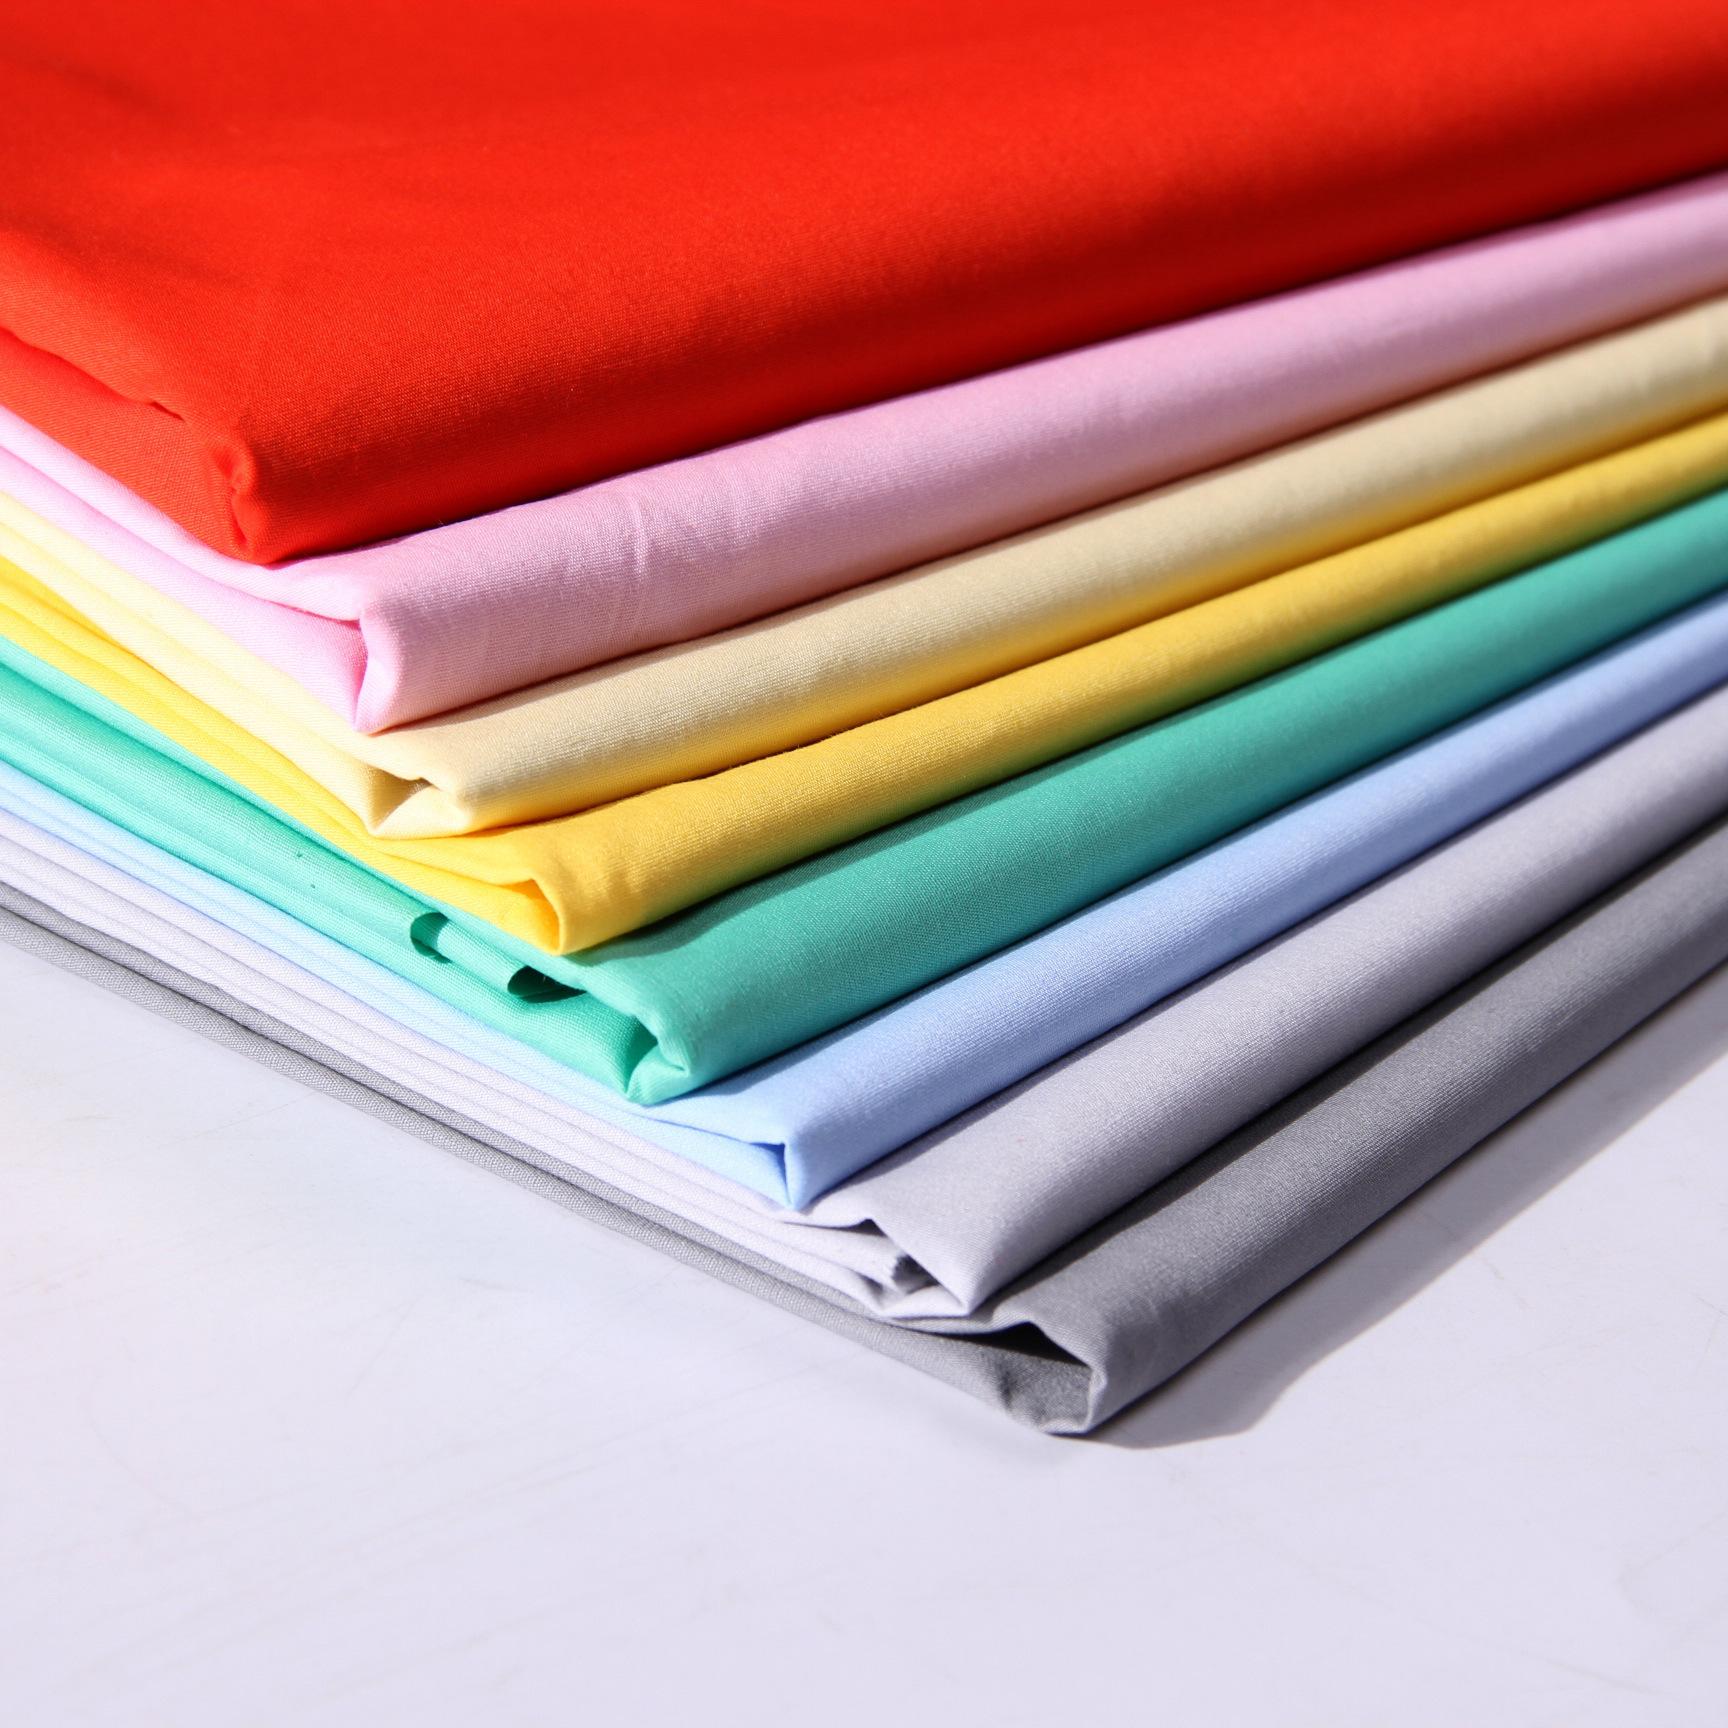 XINYUAN Vải cotton pha polyester Nhà sản xuất vải polyester cotton 110 * 76 dệt túi vải dệt vải vải